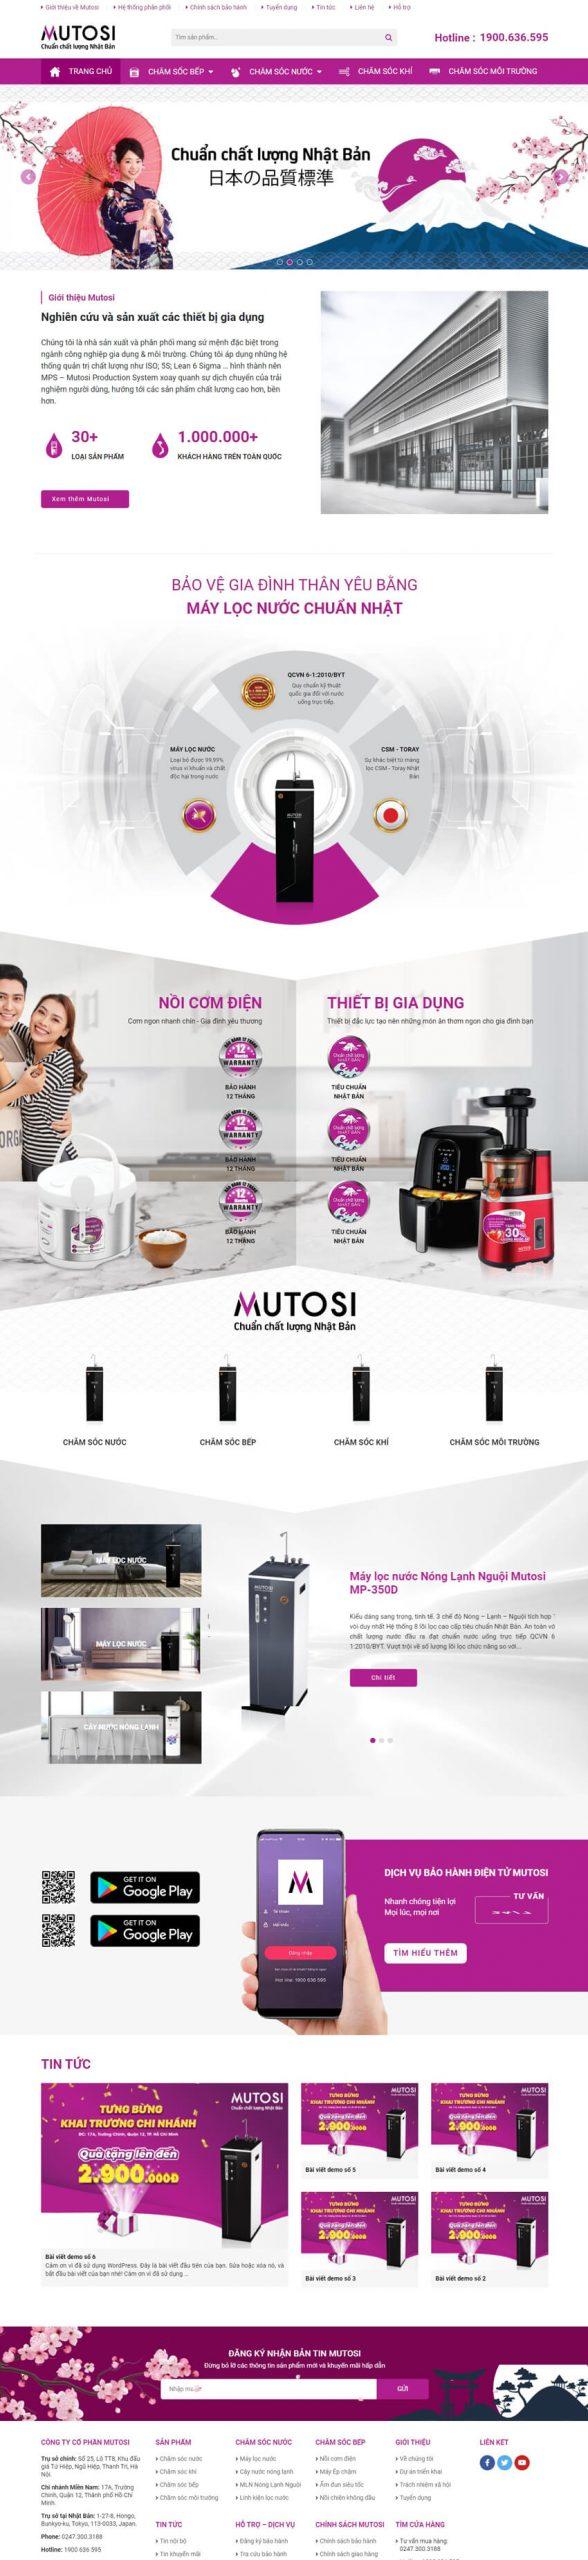 thiết kế web mutosi khôi nguyên